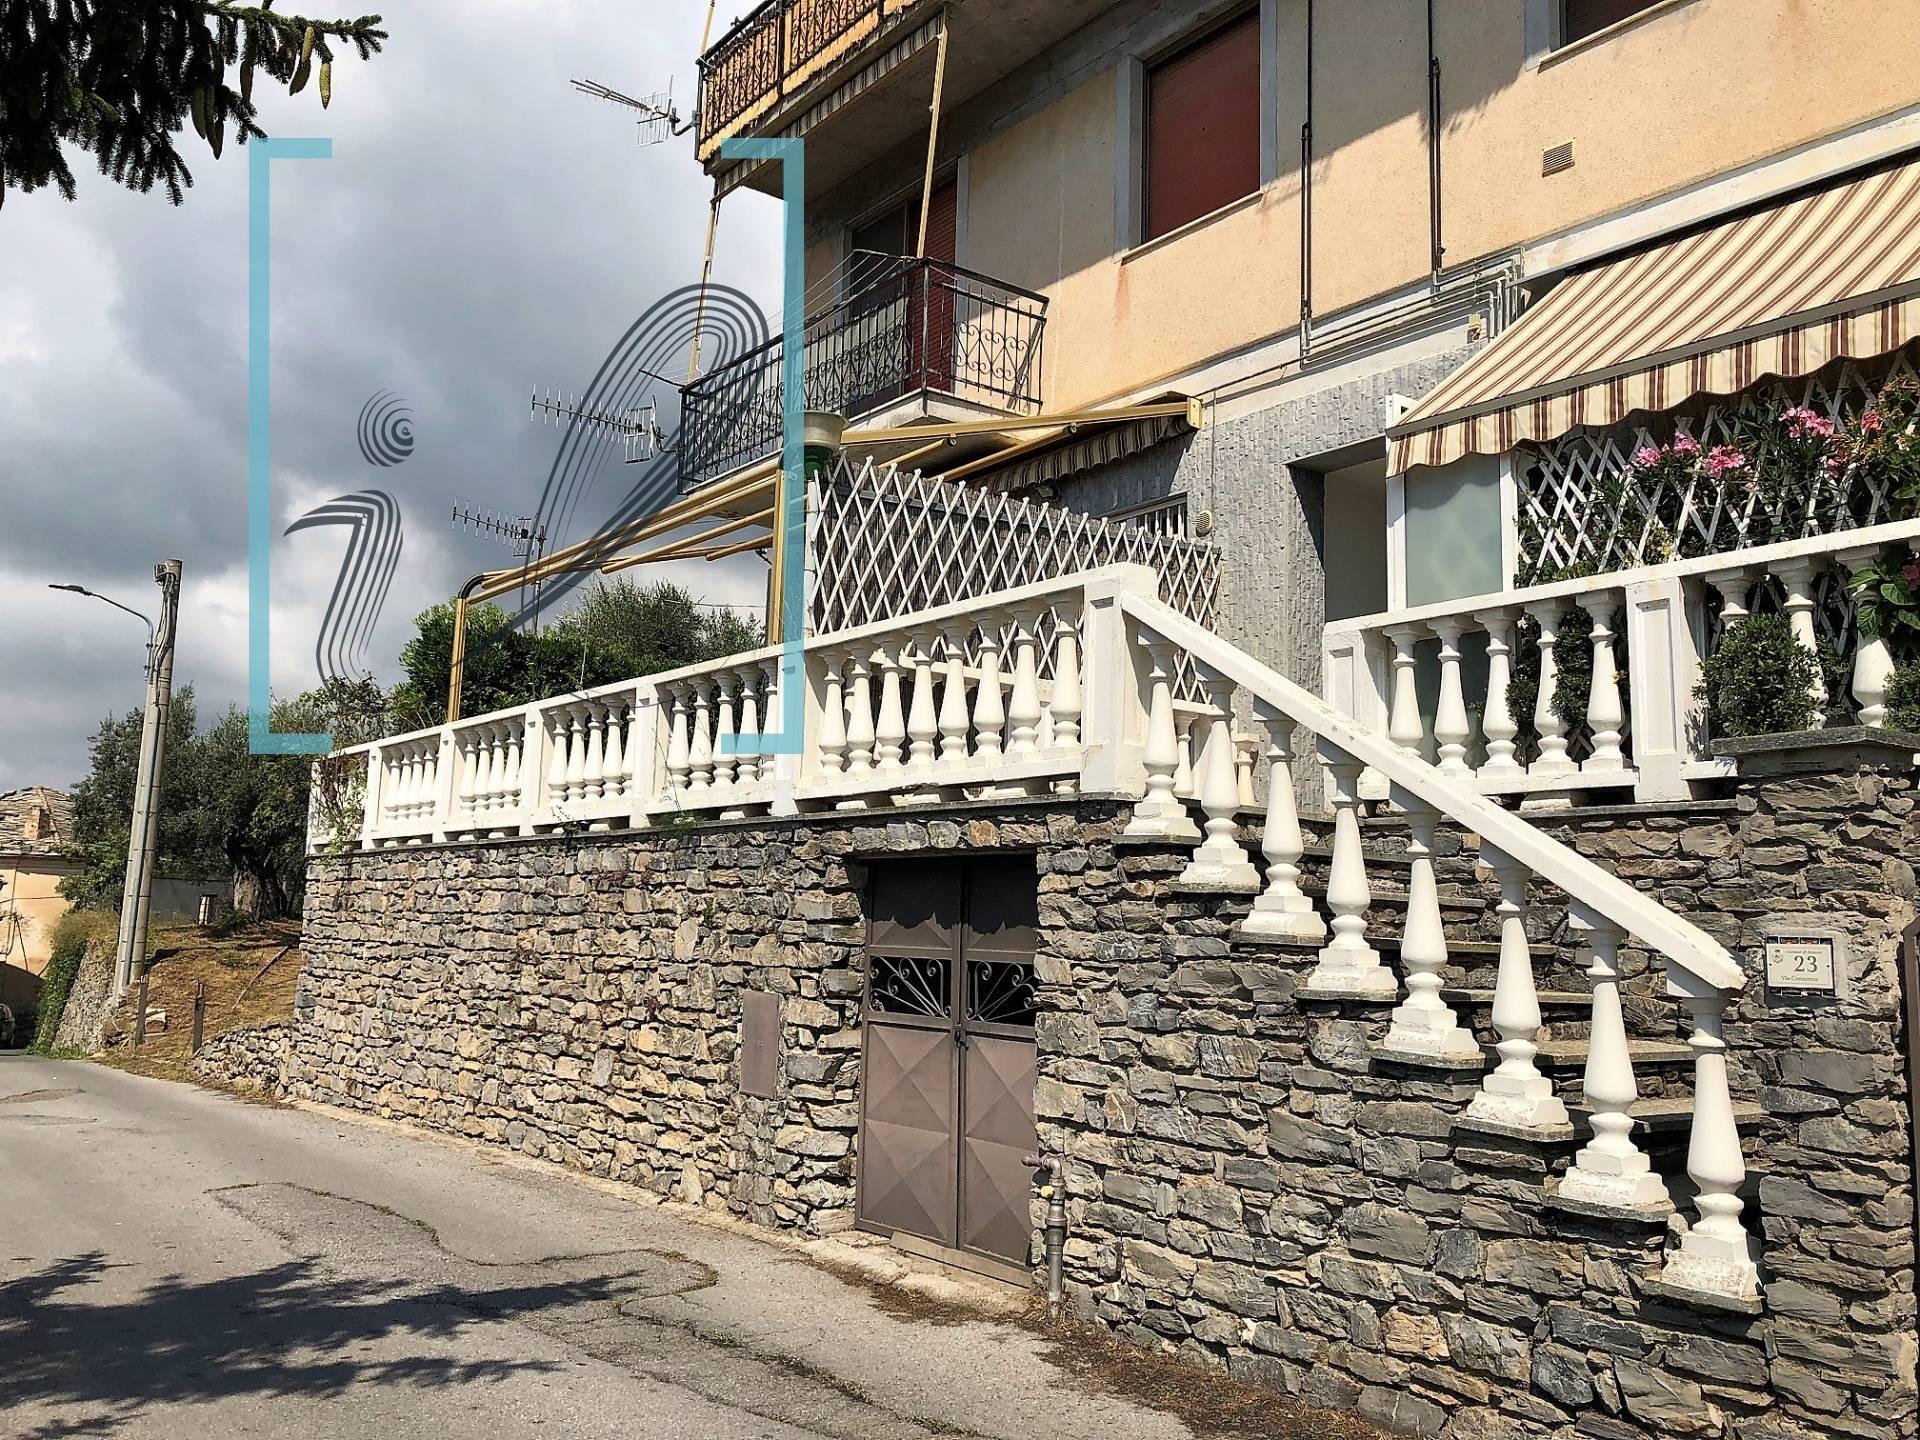 Appartamento in vendita a Arnasco, 2 locali, zona Località: BezzoChiesa, prezzo € 80.000   PortaleAgenzieImmobiliari.it